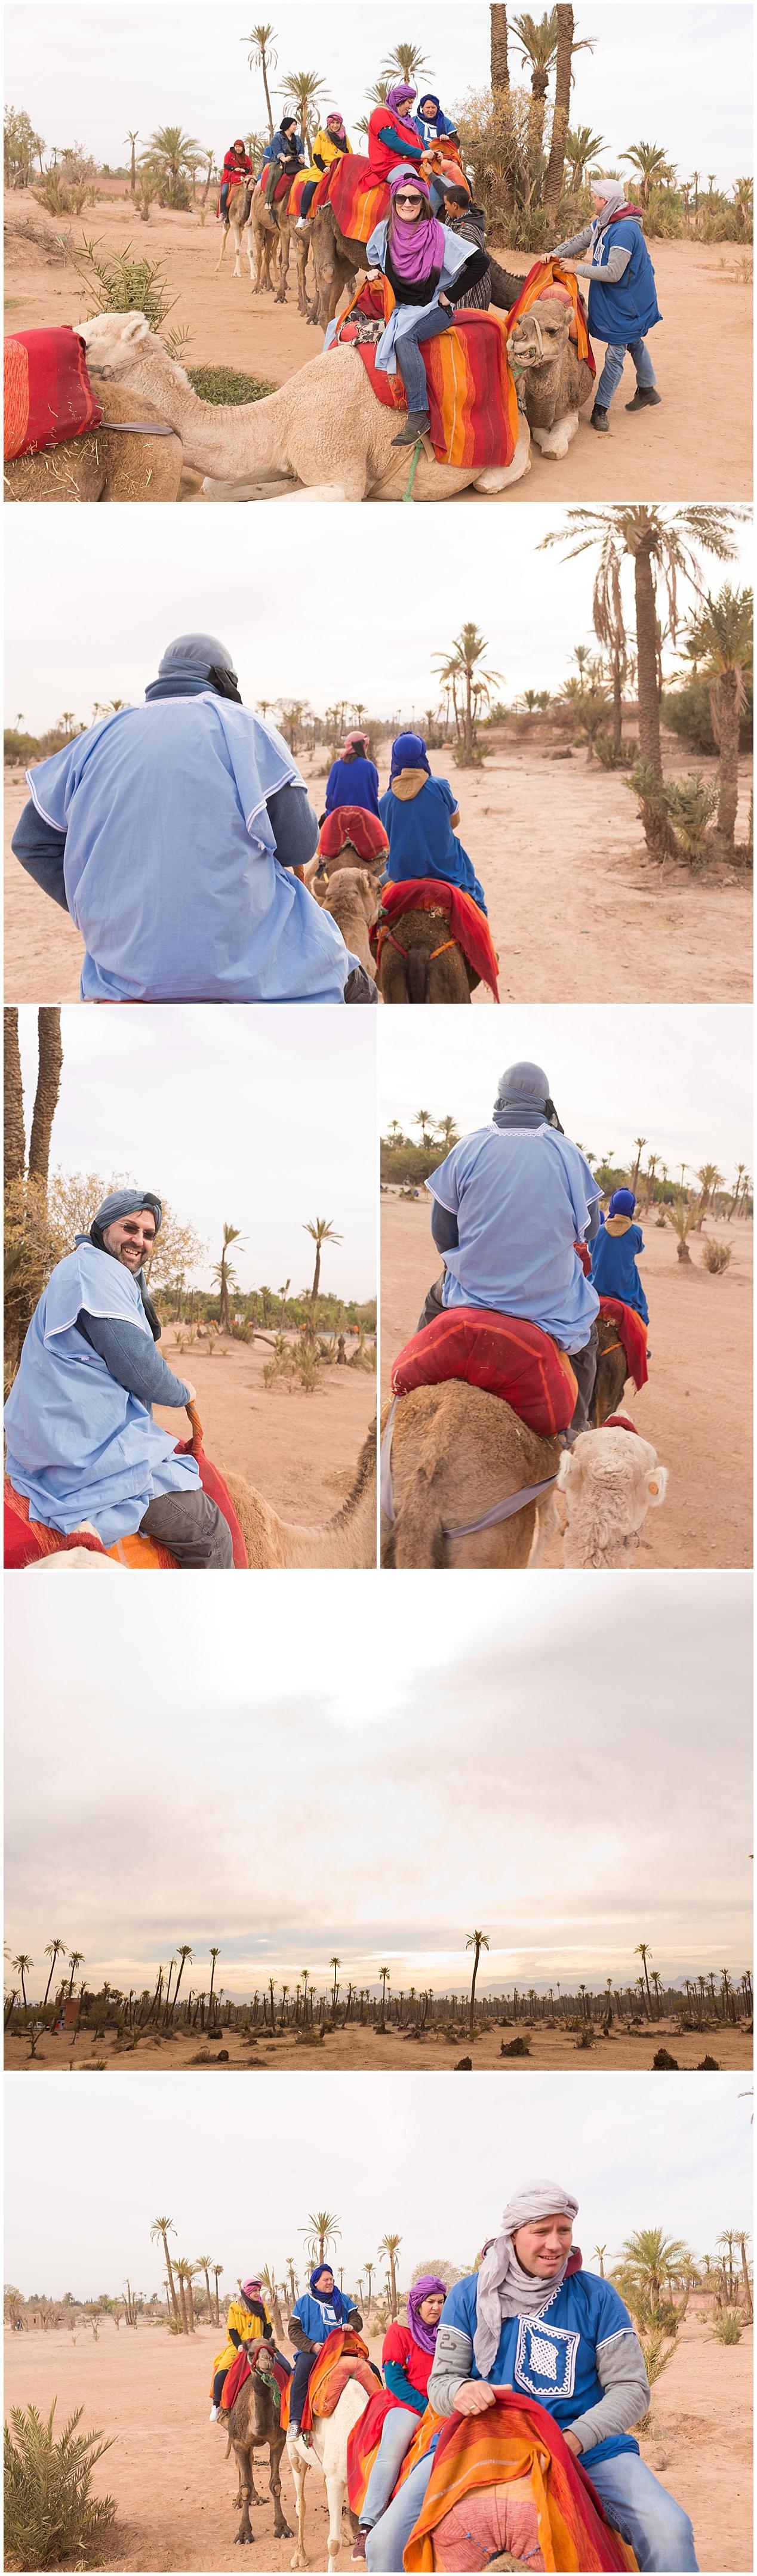 camel riding in Marrakesh, Morocco